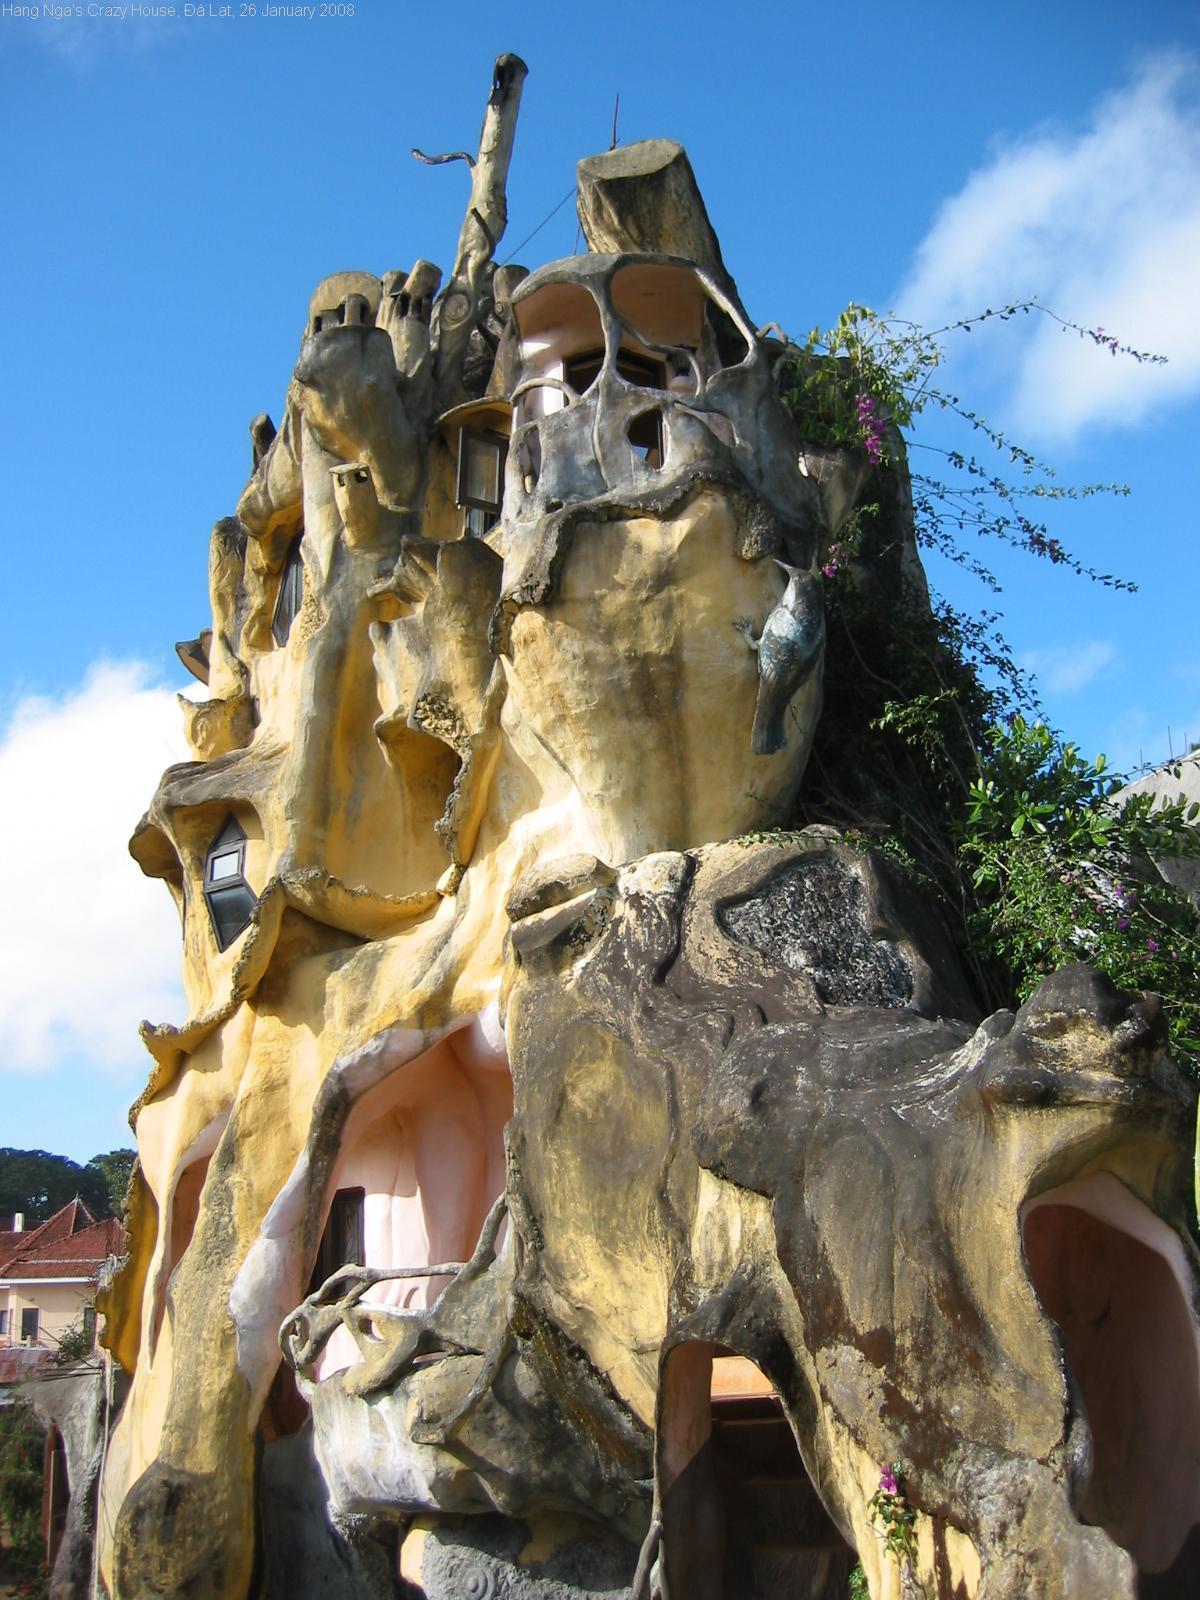 File:HangNgaCrazyHouse2.jpg - Wikimedia Commons